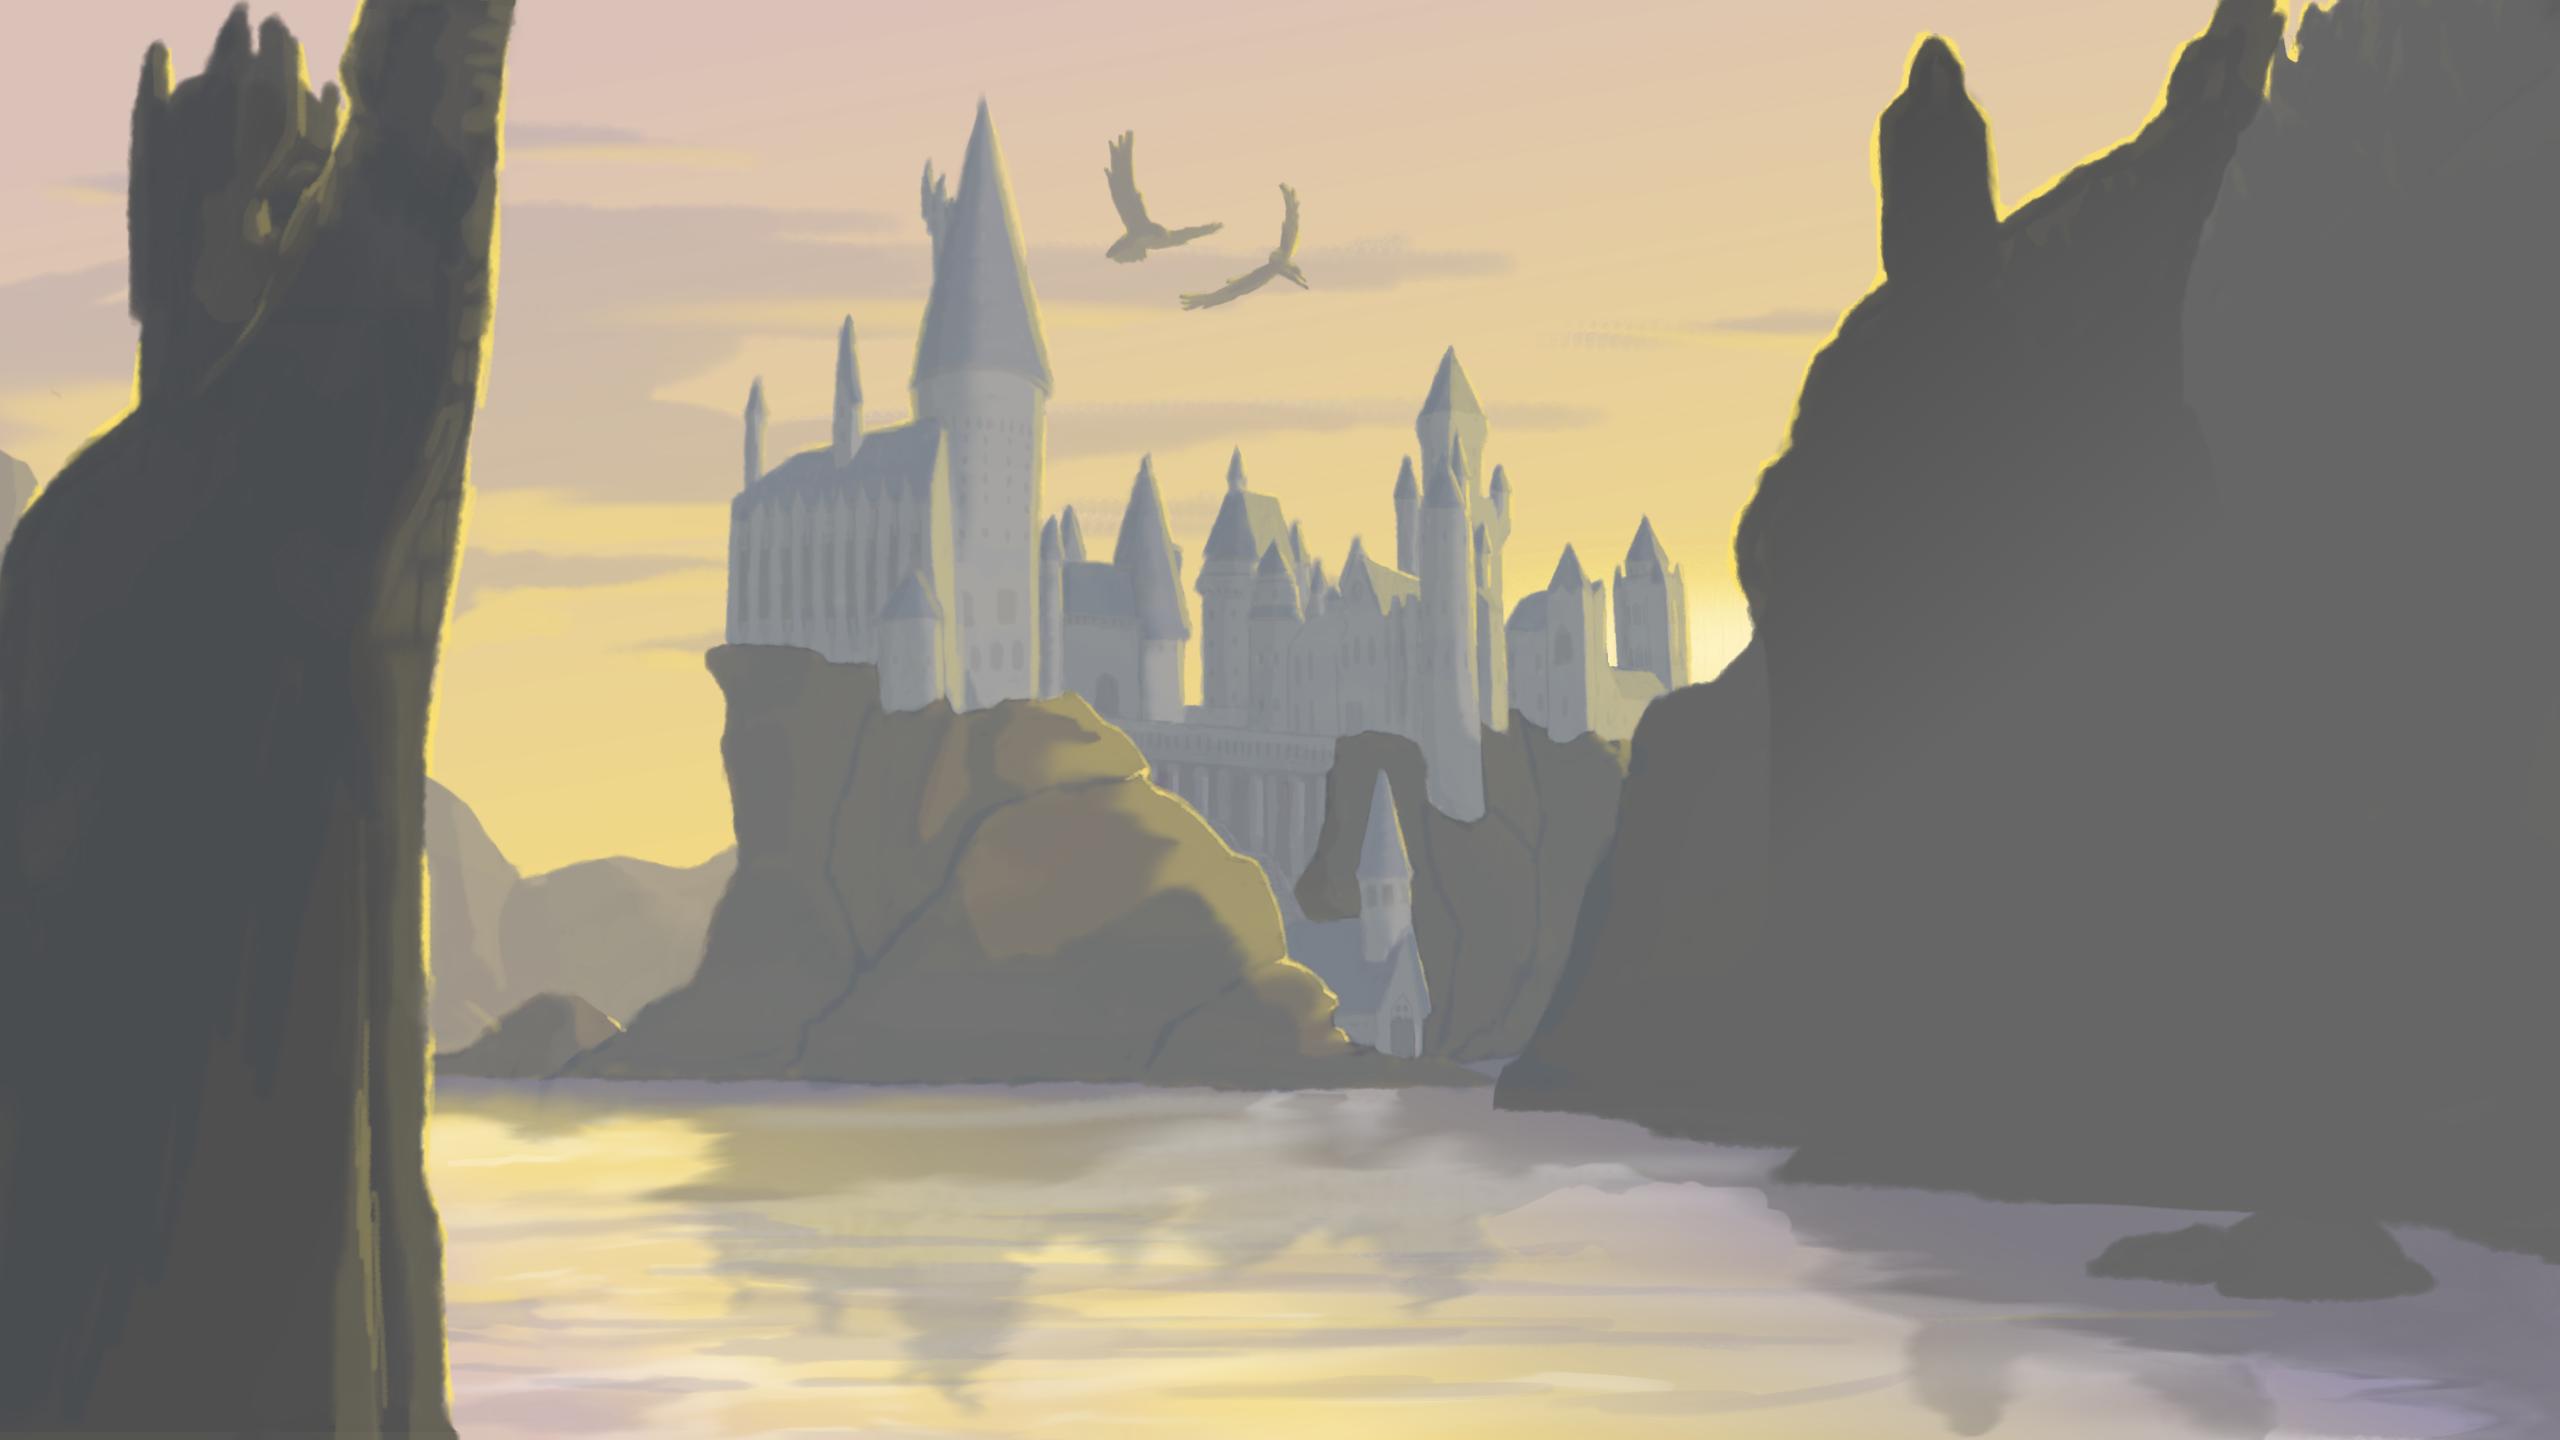 The Gates of Hogwarts